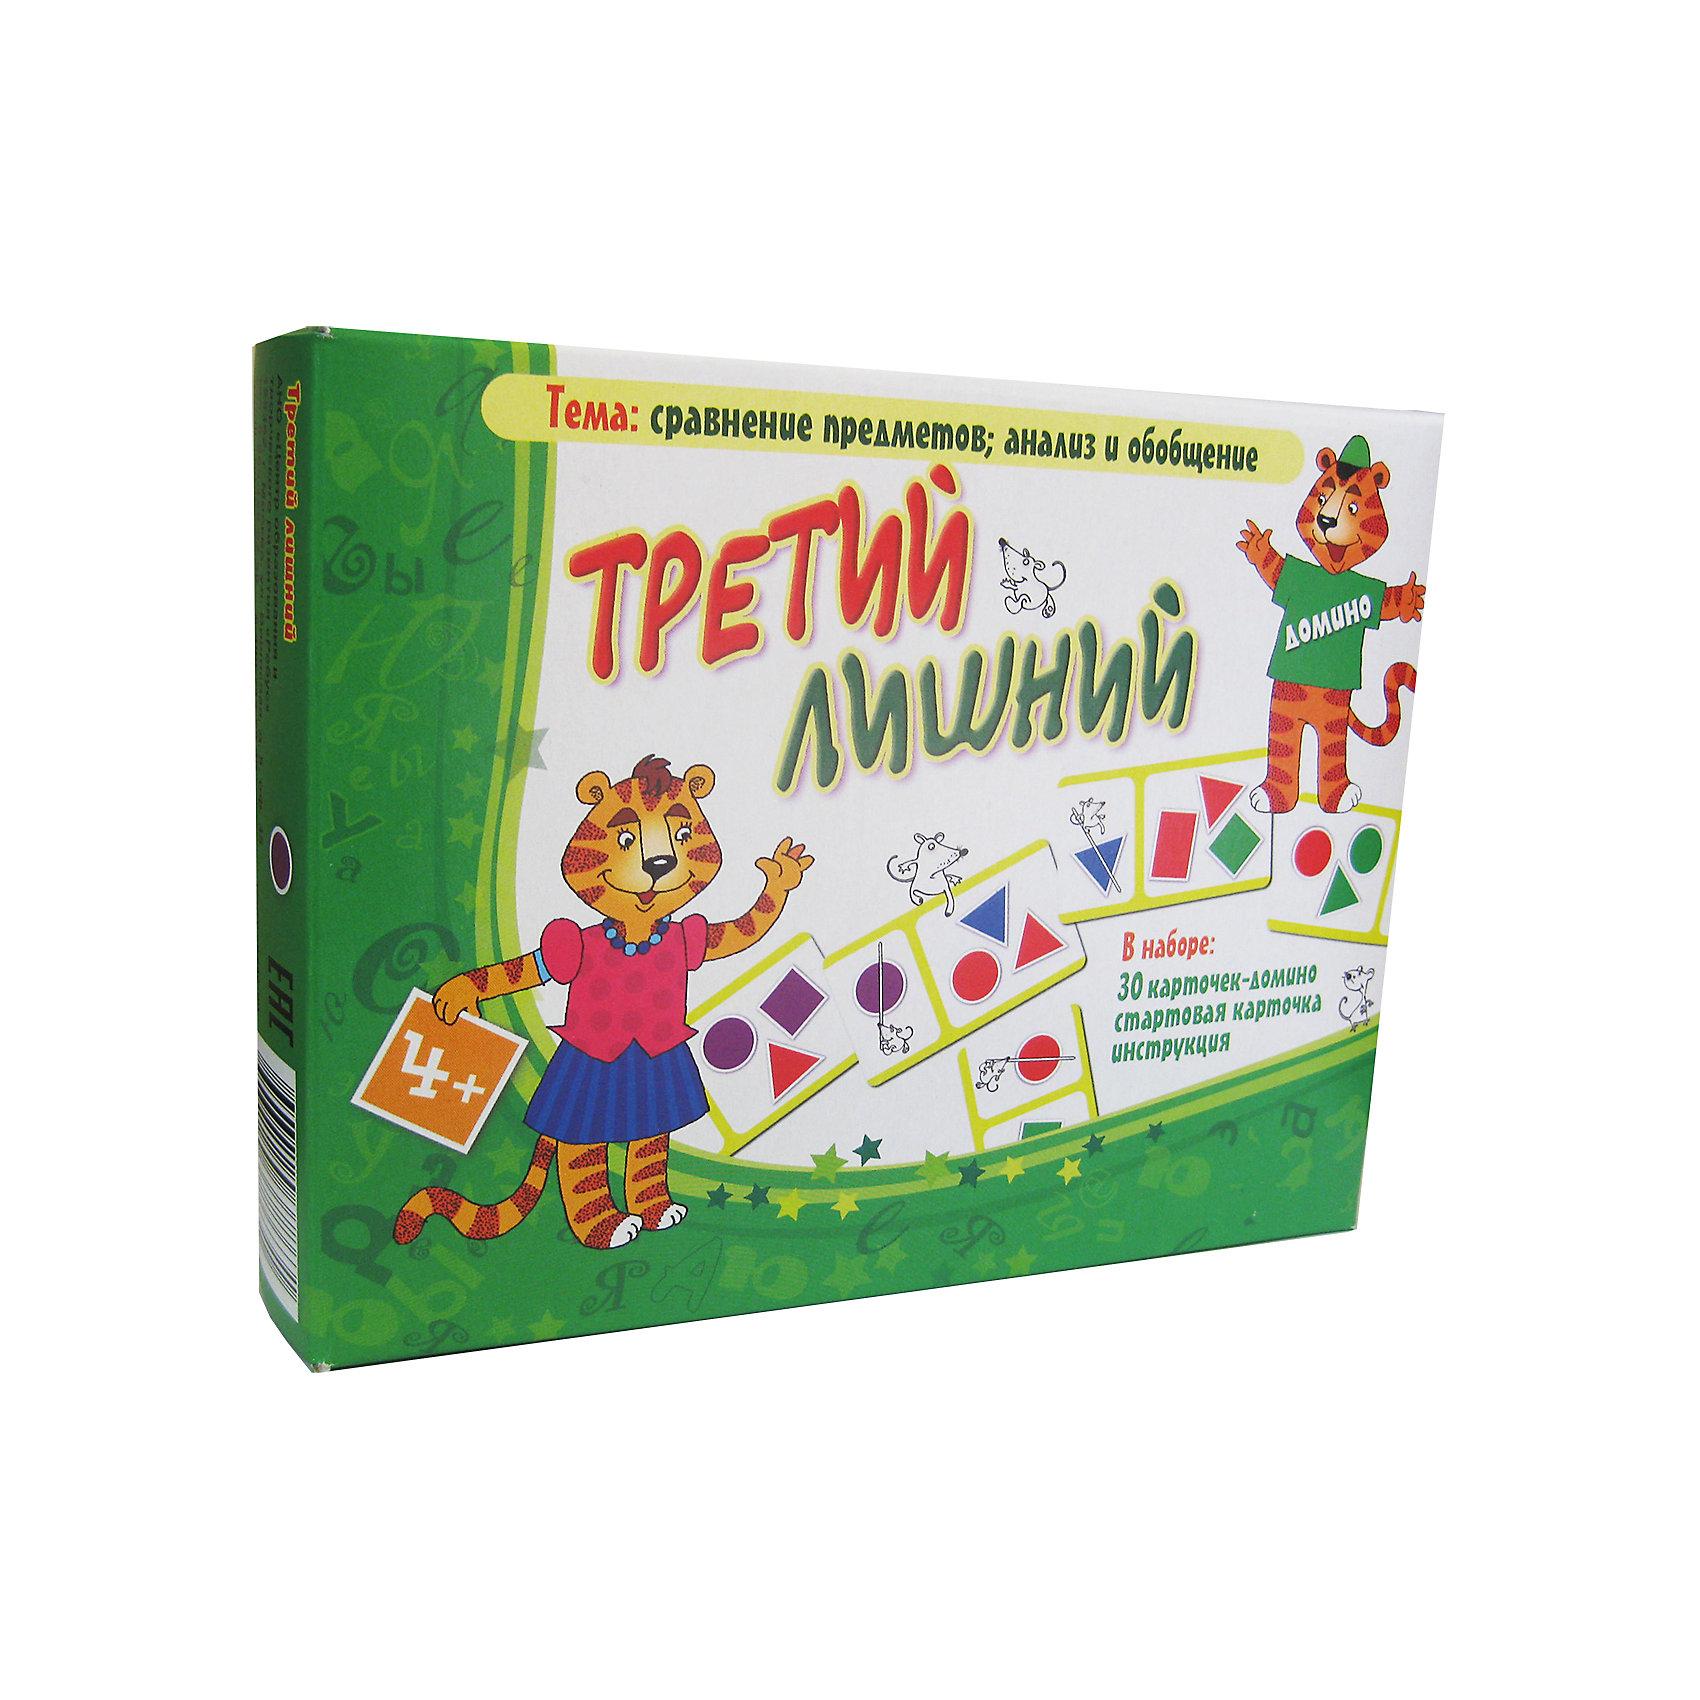 Третий лишний, Игротека Татьяны БарчанОбучающие карточки<br>Третий лишний, Игротека Татьяны Барчан.<br><br>Характеристики:<br><br>• Для детей в возрасте: от 4 до 6 лет<br>• В комплекте: стартовая карточка, 30 карточек-домино, подробная инструкция<br>• Обучение: Сравнение предметов, анализ, обобщение<br>• Материал: плотный качественный картон<br>• Производитель: ЦОТР Ребус (Россия)<br>• Упаковка: картонная коробка<br>• Размер упаковки: 138х180х40 мм.<br>• Вес: 144 гр.<br><br>Игра-домино Третий лишний - это яркие, понятные, но серьёзные задания для юных интеллектуалов. В игре отрабатывается принцип нахождения «лишнего» предмета. Его надо выбрать из трёх фигурок на каждой карточке. Не только выбрать, но и объяснить, чем отличается фигурка от остальных. В каждом случае есть два решения: выбирать «лишнюю» фигурку по цвету или по форме. <br><br>В начале игры ведущий раздает участникам по 6-7 маленьких карточек, которые выкладываются таким образом, чтобы мышки с перечеркнутыми фигурками были выстроены в ряд. Остальные карточки отправляются в базар, необходимый для пополнения запасов во время игры, за исключением стартовой карточки, которая выкладывается на стол первой. <br><br>Задача игроков определить, какая фигурка в группе является лишней, и присоединить свою карточку к хвостику доминошной змейки. Тот, кто первым избавляется от всех карточек и становится победителем игры. Игра научит малышей решать логические задачи, обосновывать свой ответ, рассуждать и анализировать.<br><br>Игру Третий лишний, Игротека Татьяны Барчан можно купить в нашем интернет-магазине.<br><br>Ширина мм: 180<br>Глубина мм: 135<br>Высота мм: 40<br>Вес г: 155<br>Возраст от месяцев: 48<br>Возраст до месяцев: 72<br>Пол: Унисекс<br>Возраст: Детский<br>SKU: 6751373